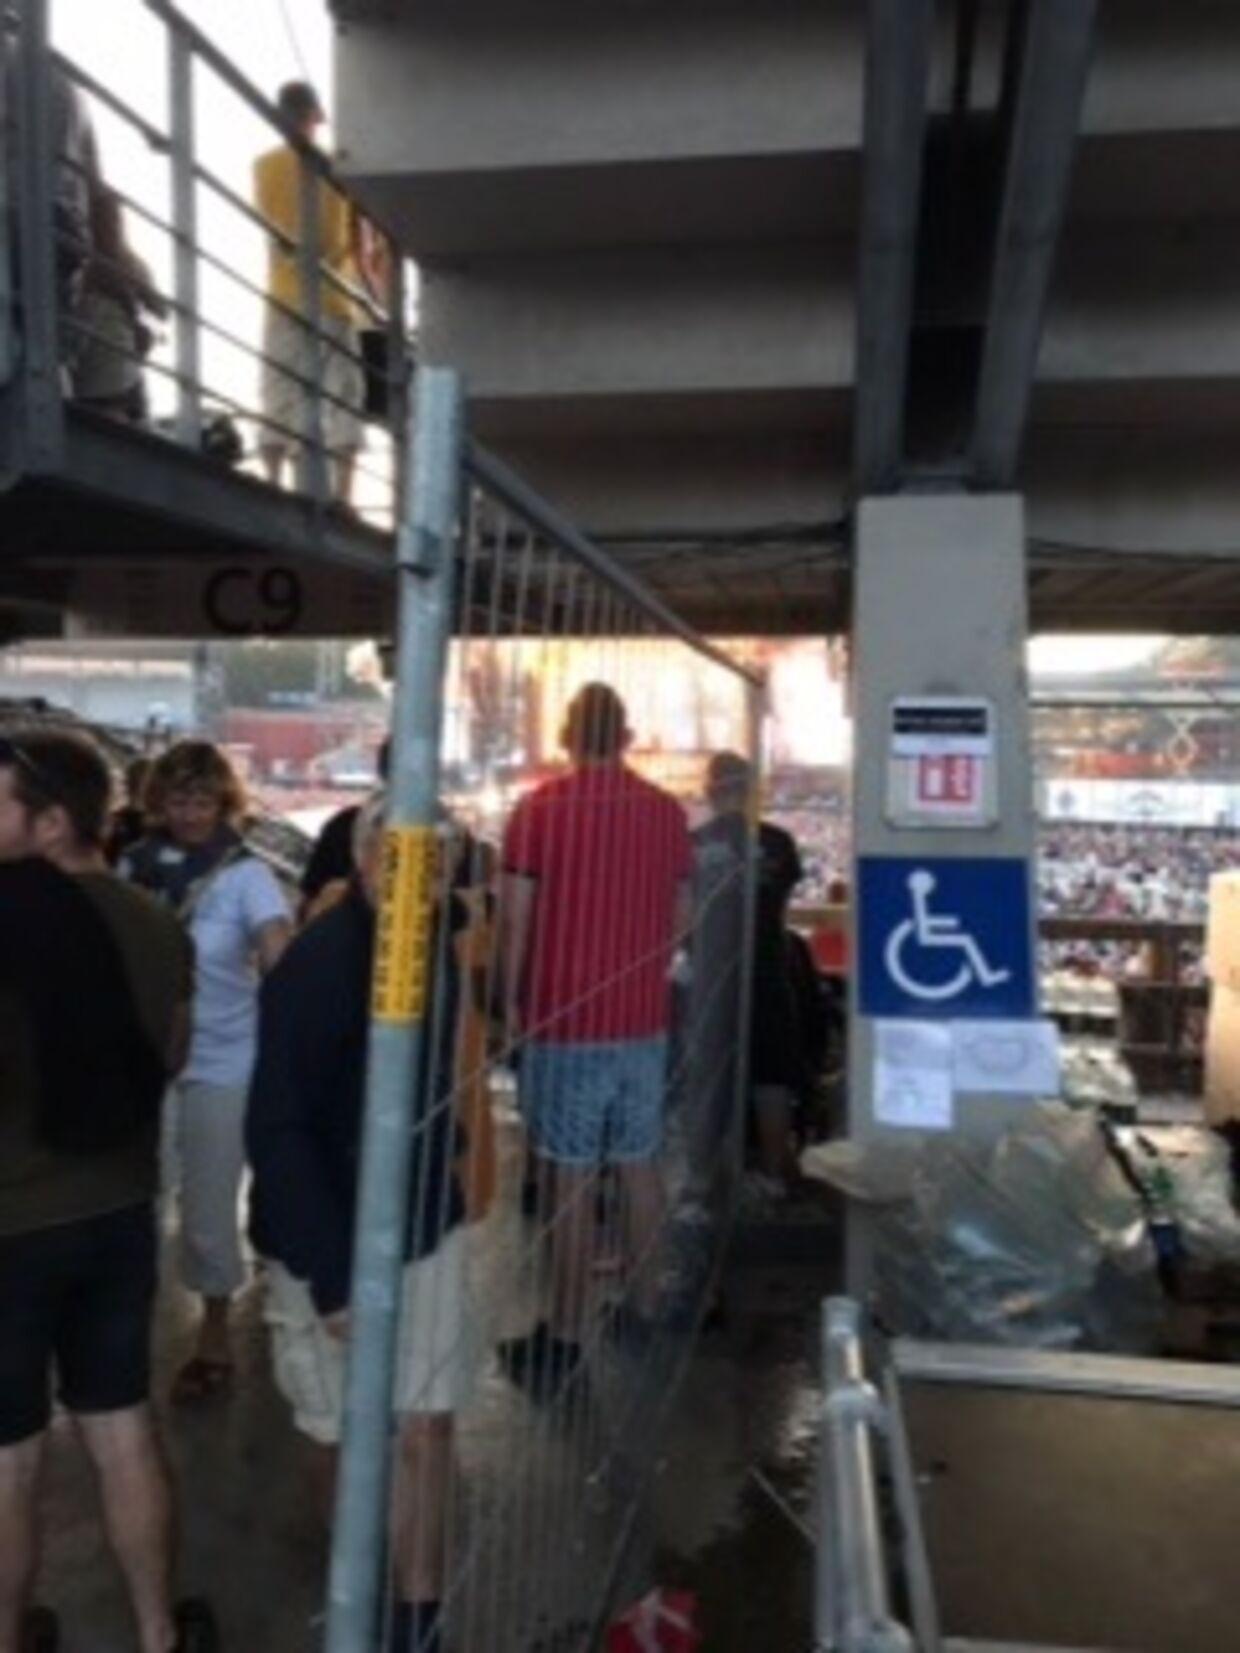 Handicapområdet var meget svært tilgængeligt, fordi man havde valgt at lægge det op af en bar, forklarer Mette Hansen. (Privatfoto)